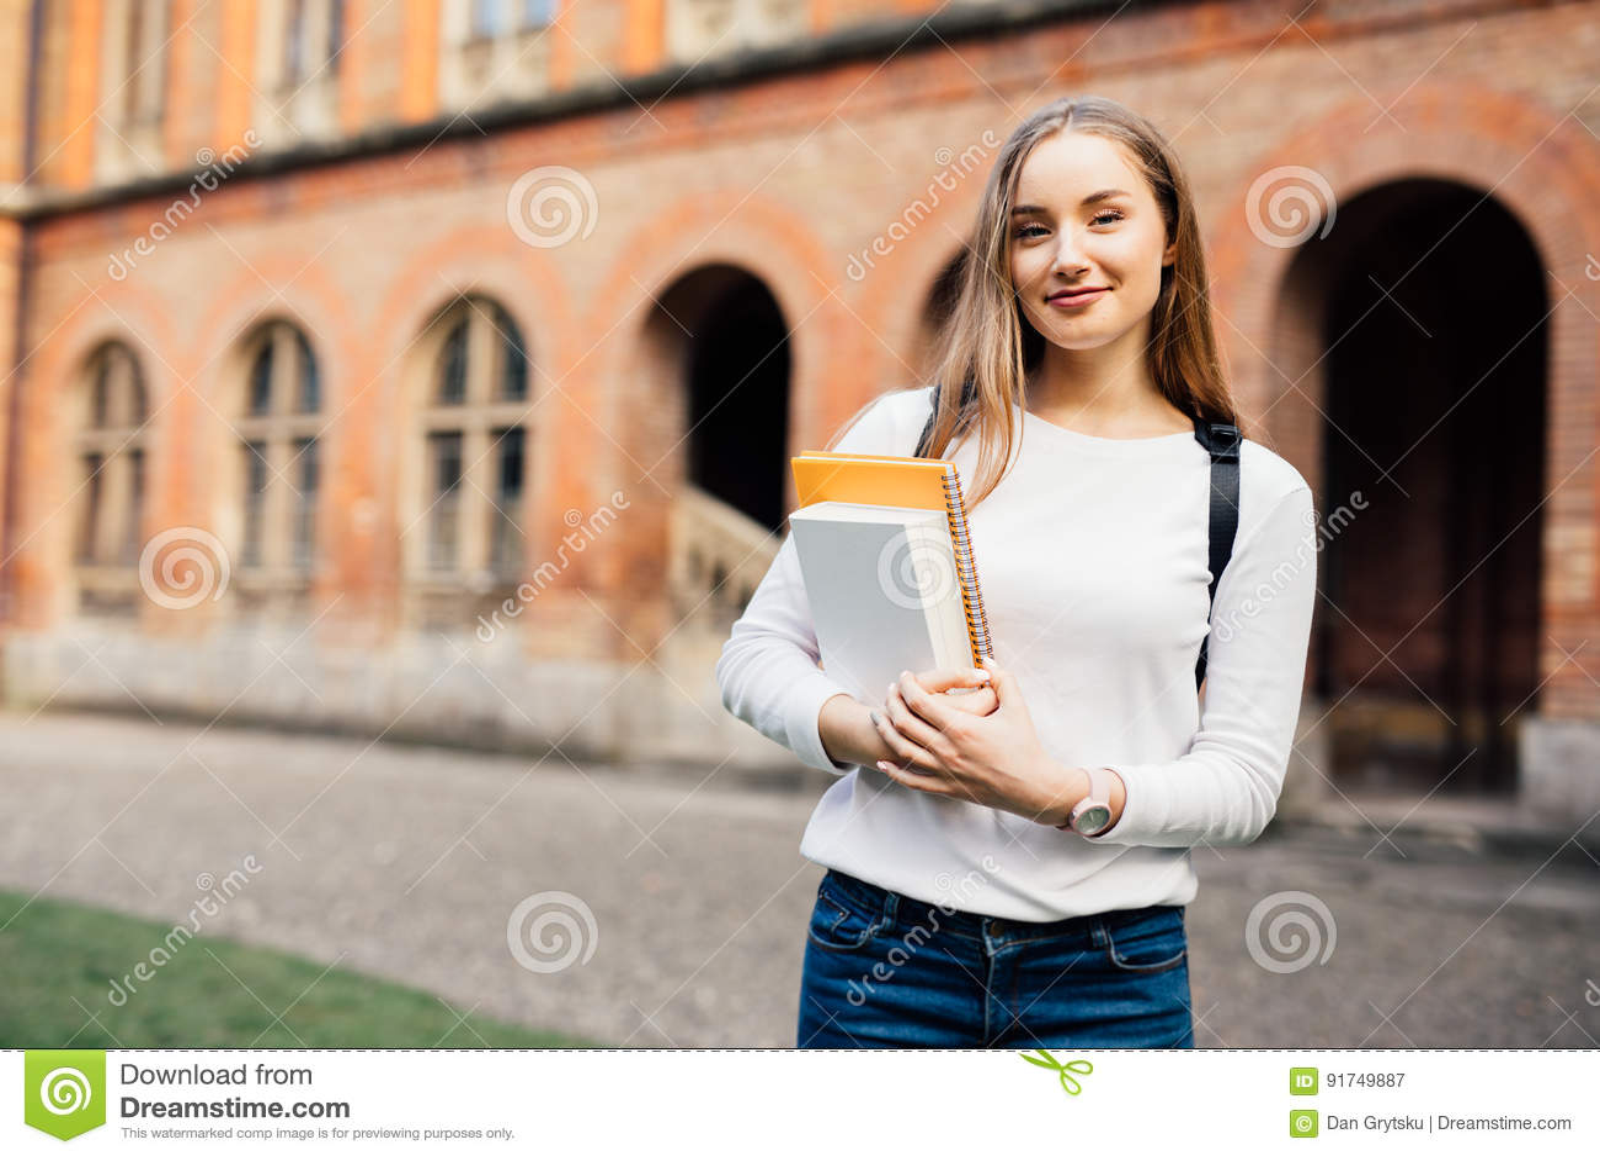 Vrouwelijke Student Gelukkig meisje op Europese universiteit voor beurs